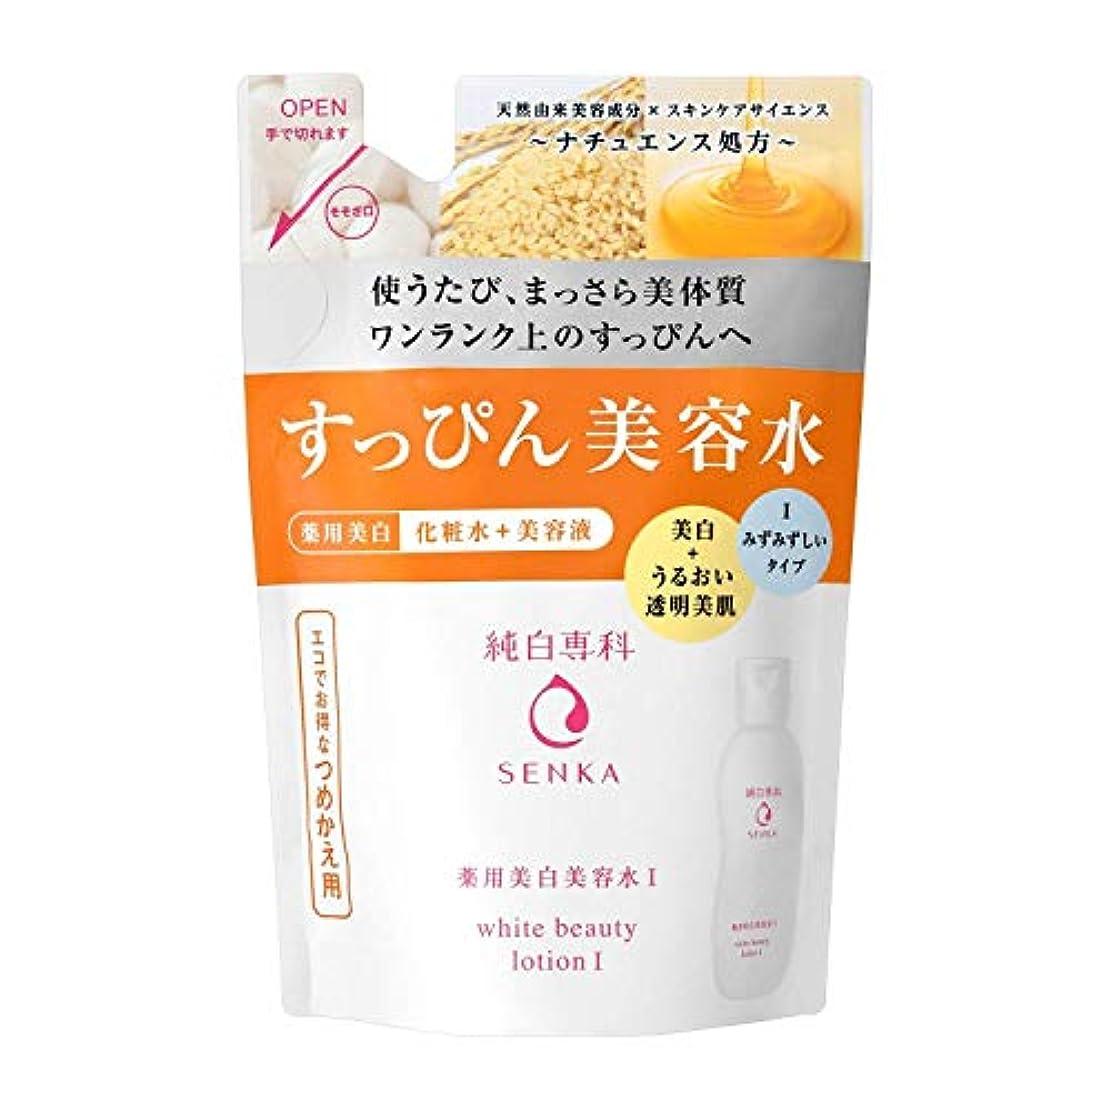 純白専科 すっぴん美容水I 詰め替え (医薬部外品) 化粧水